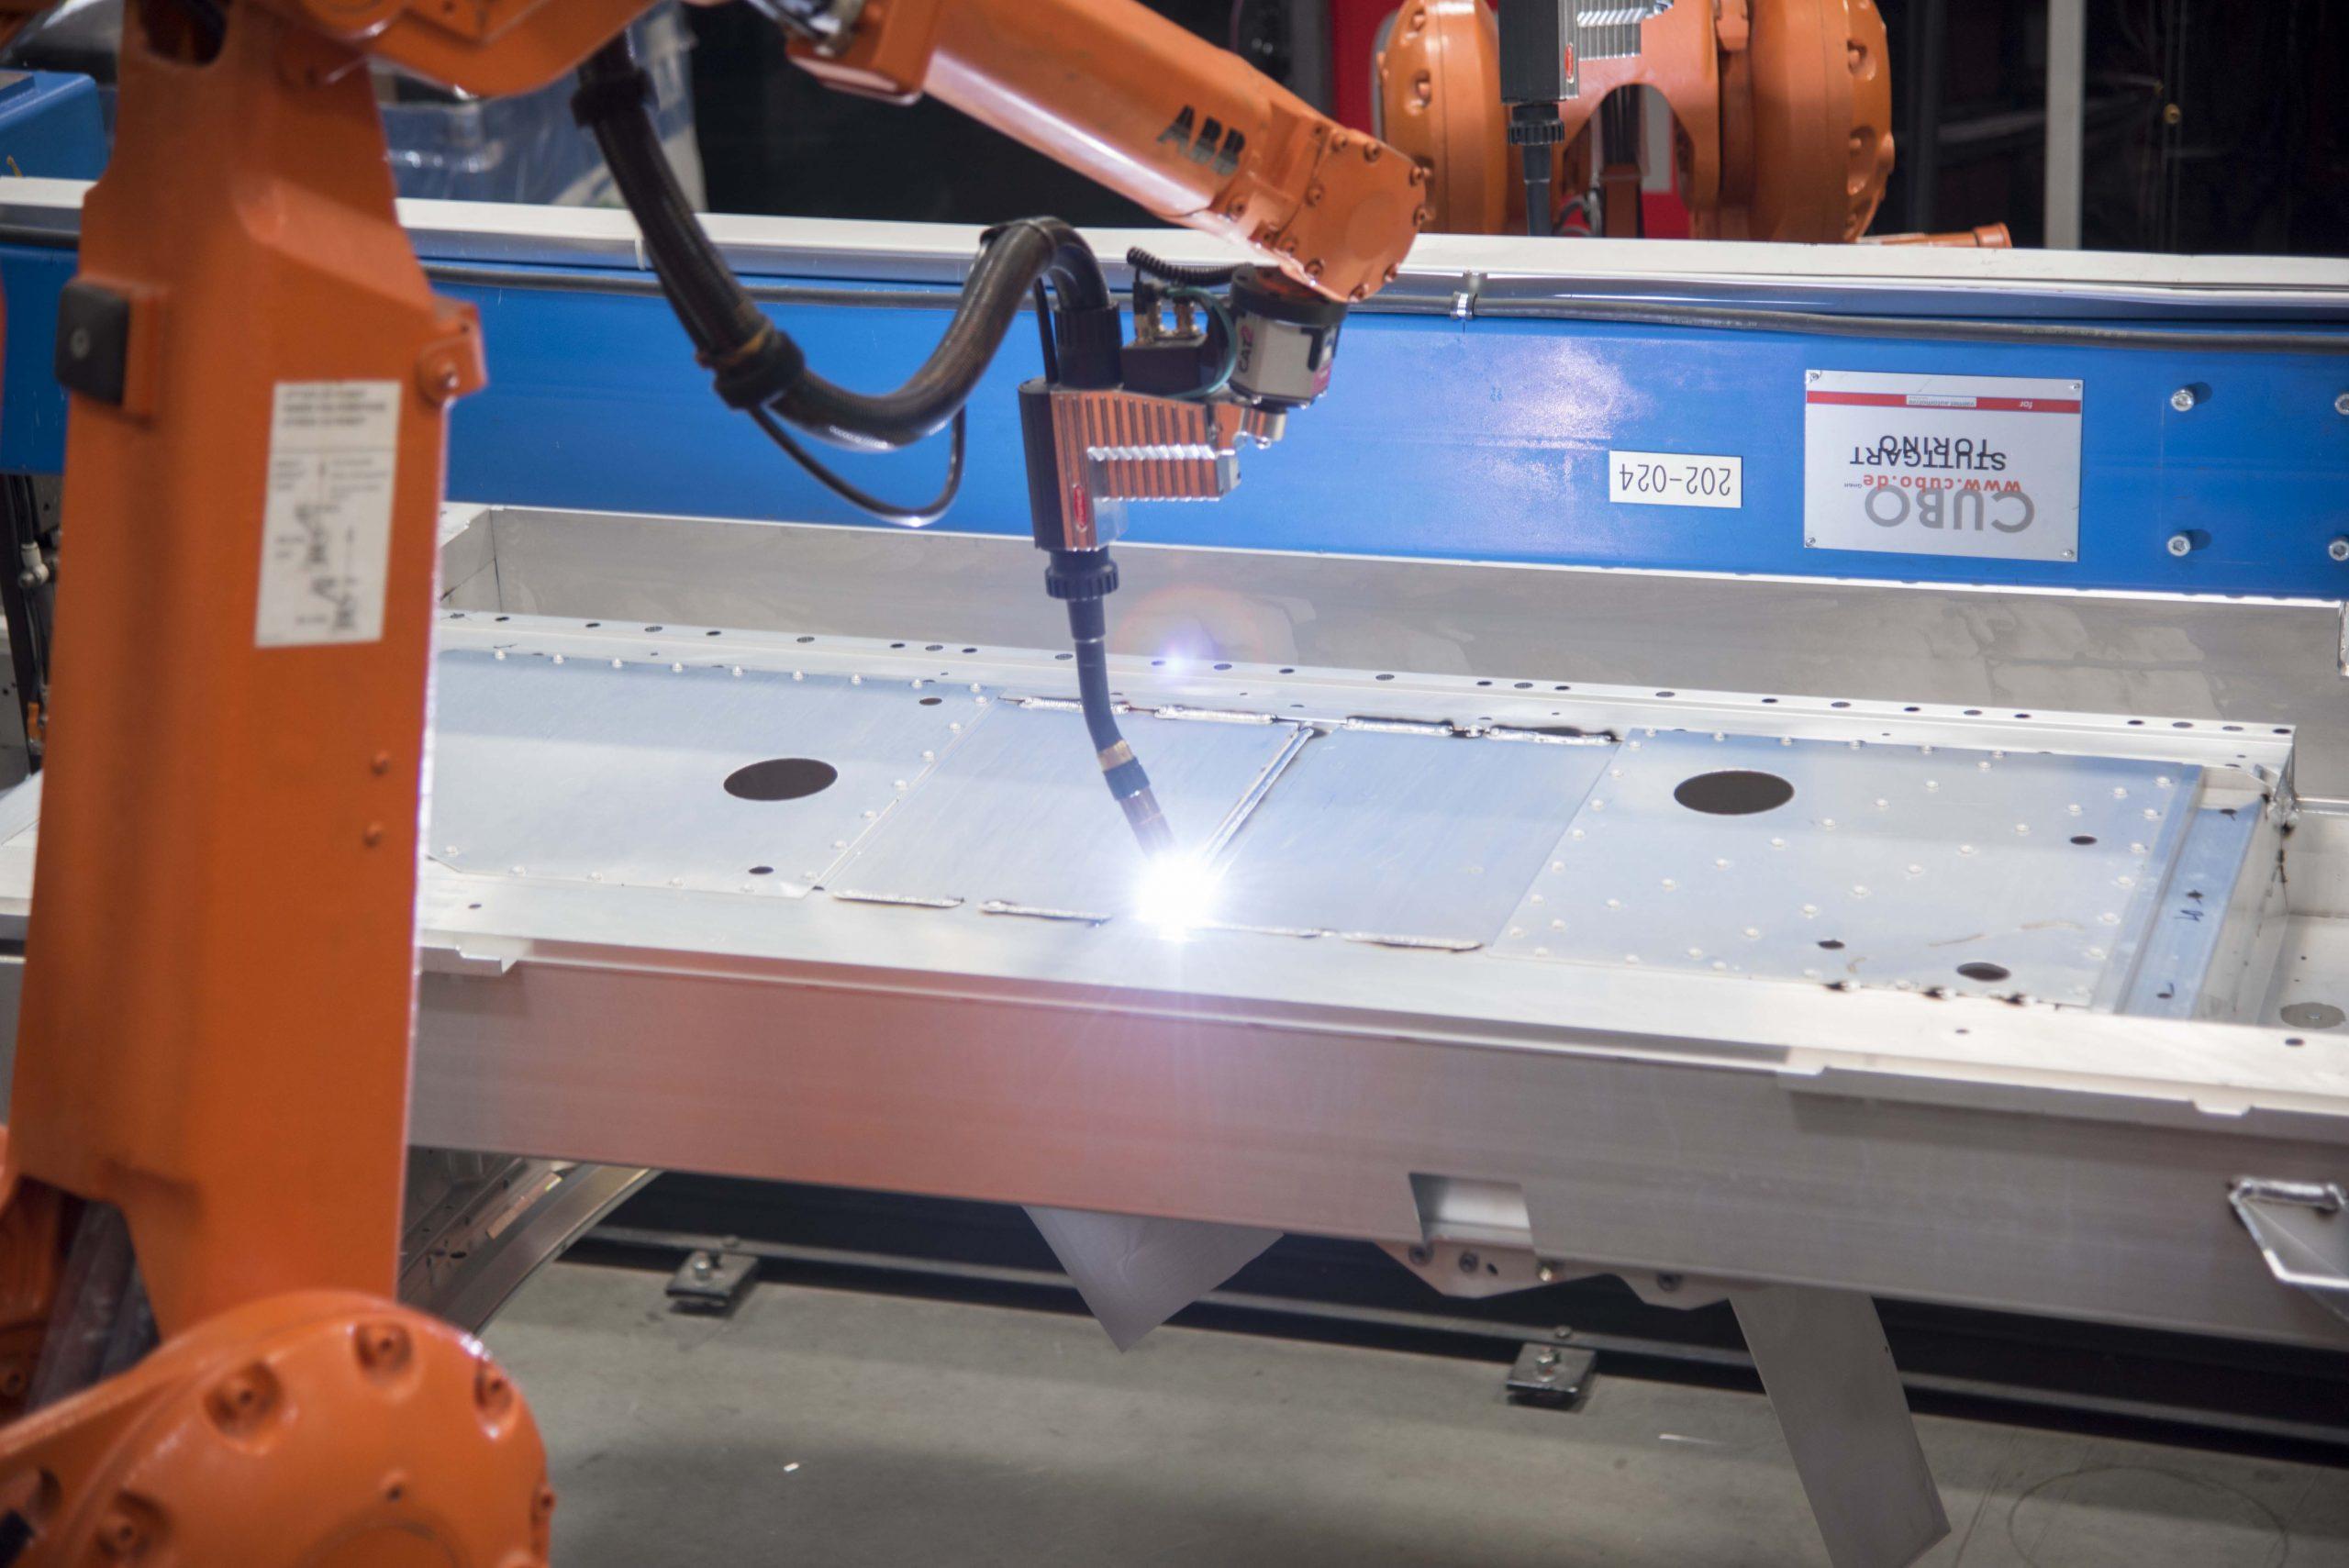 KICC_Welding-robots_2